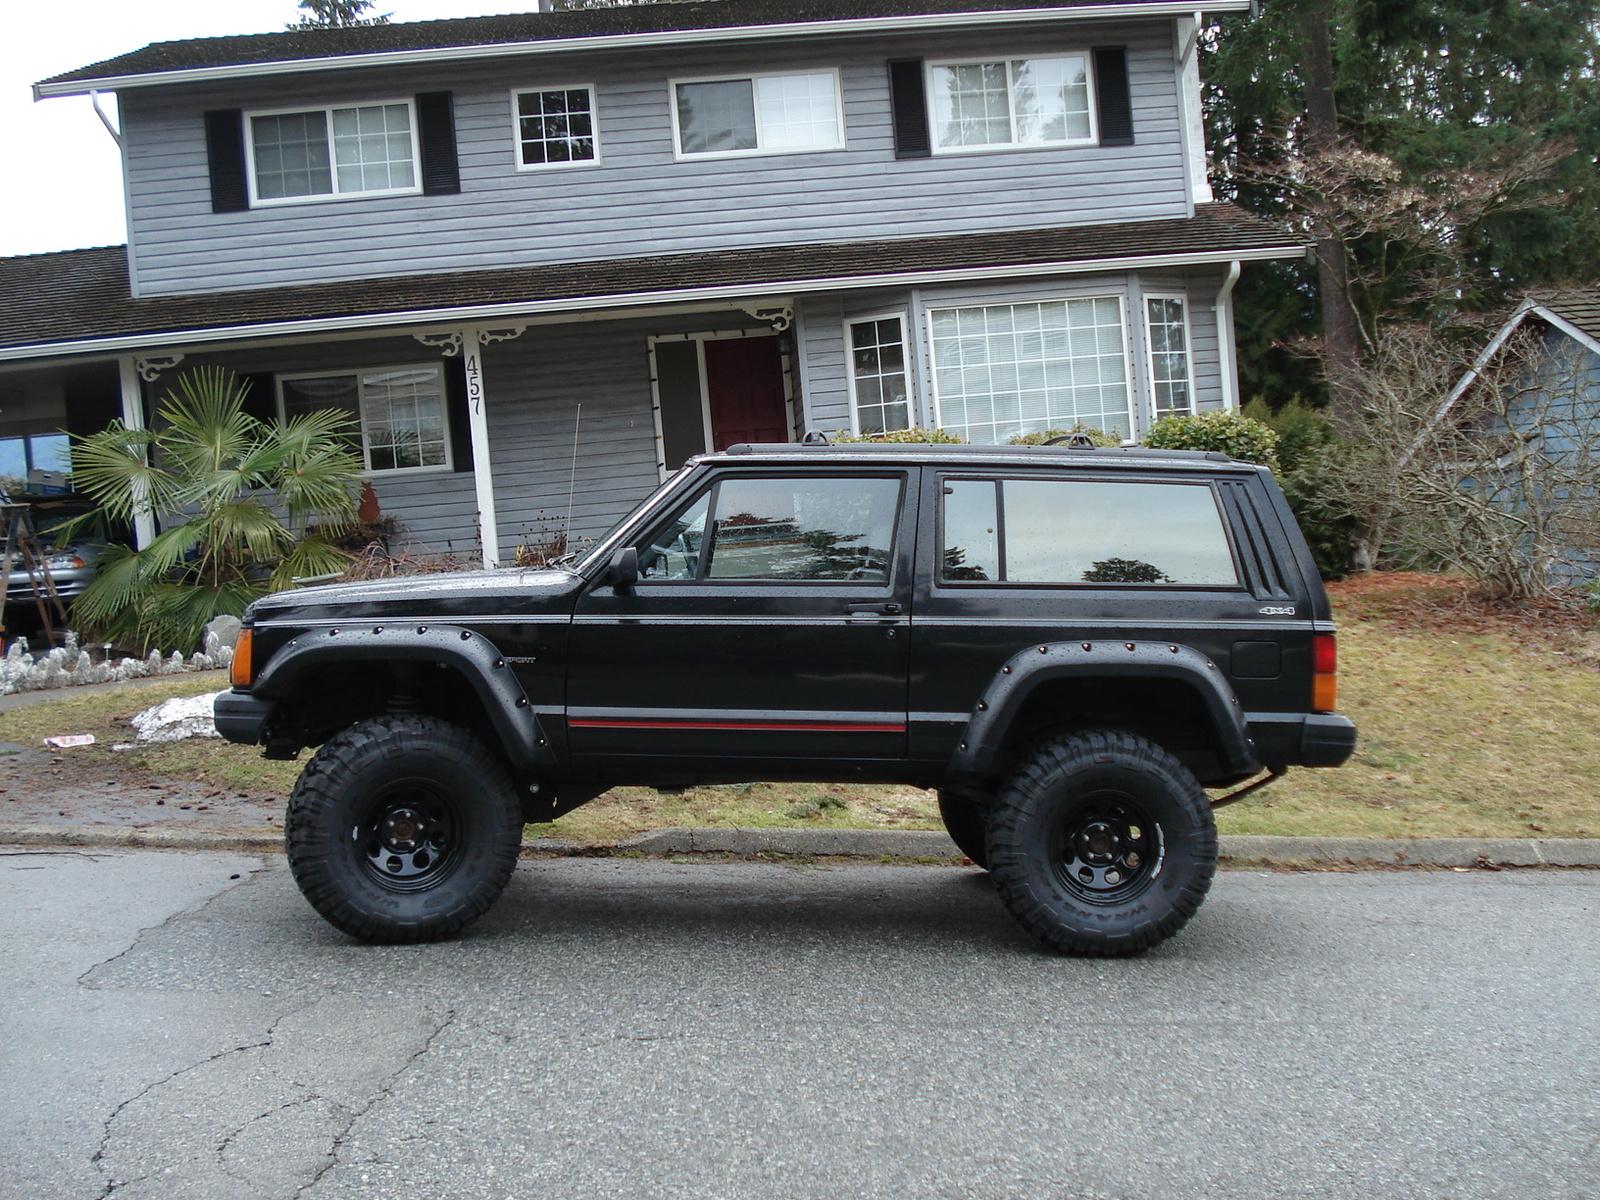 1994 Jeep Cherokee #2 Jeep Cherokee #2